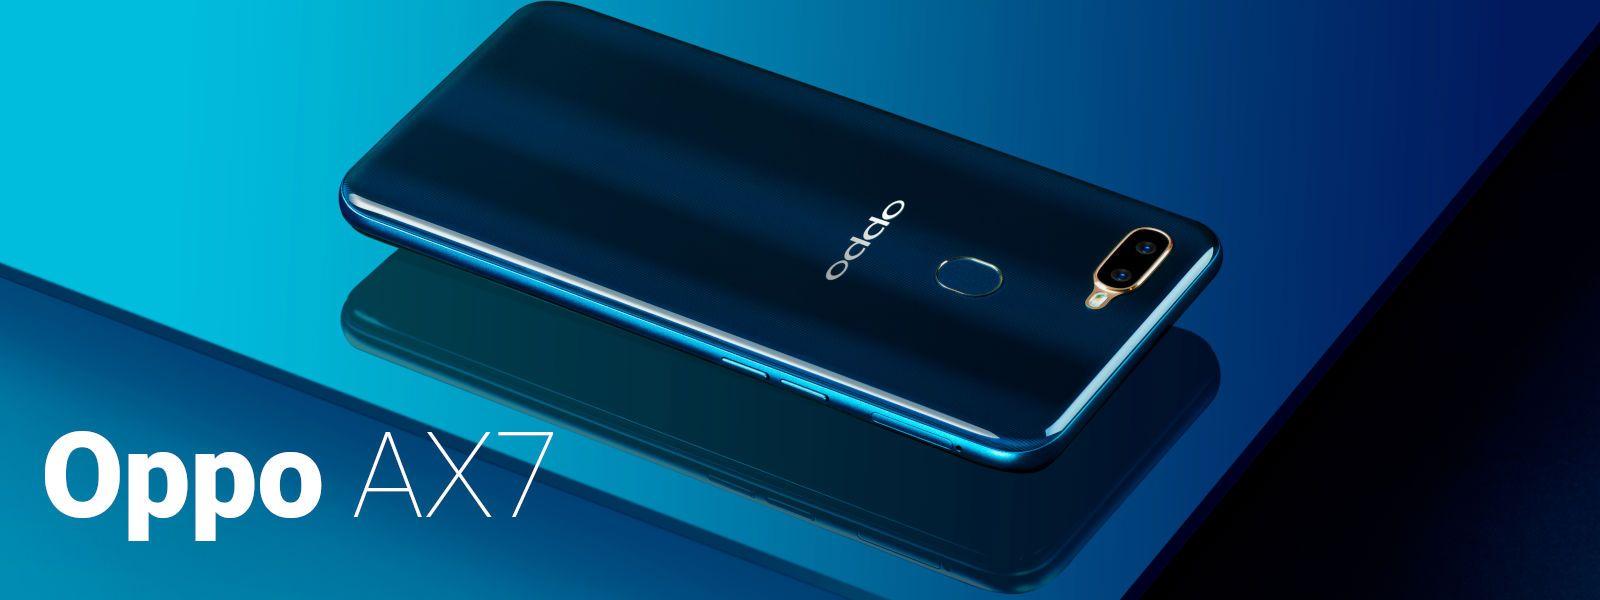 Смартфон OPPO AX7 — достоинства и недостатки